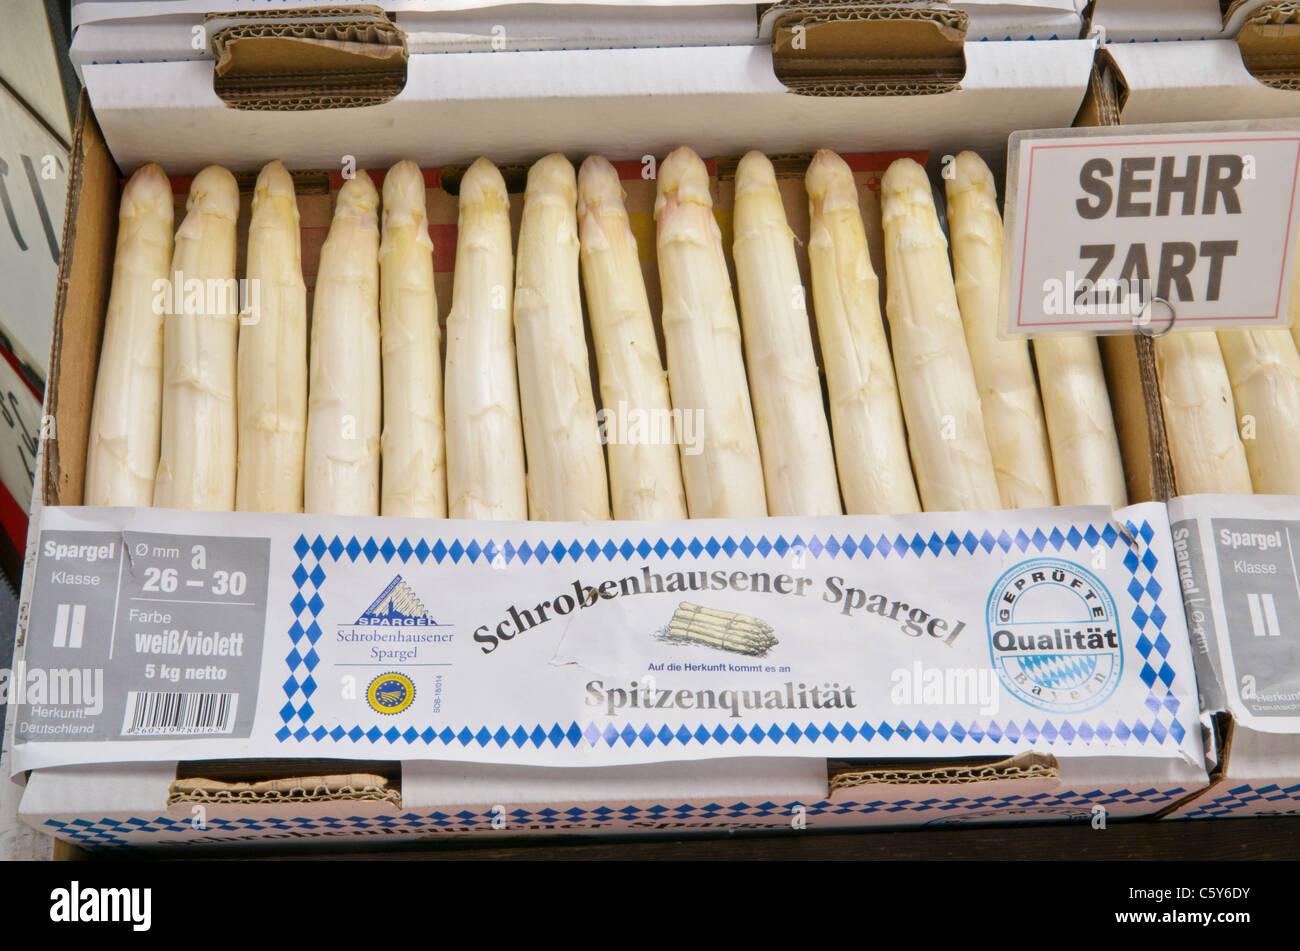 Schachtel mit saisonalen weißer Spargel an einem Marktstand, München Stockbild